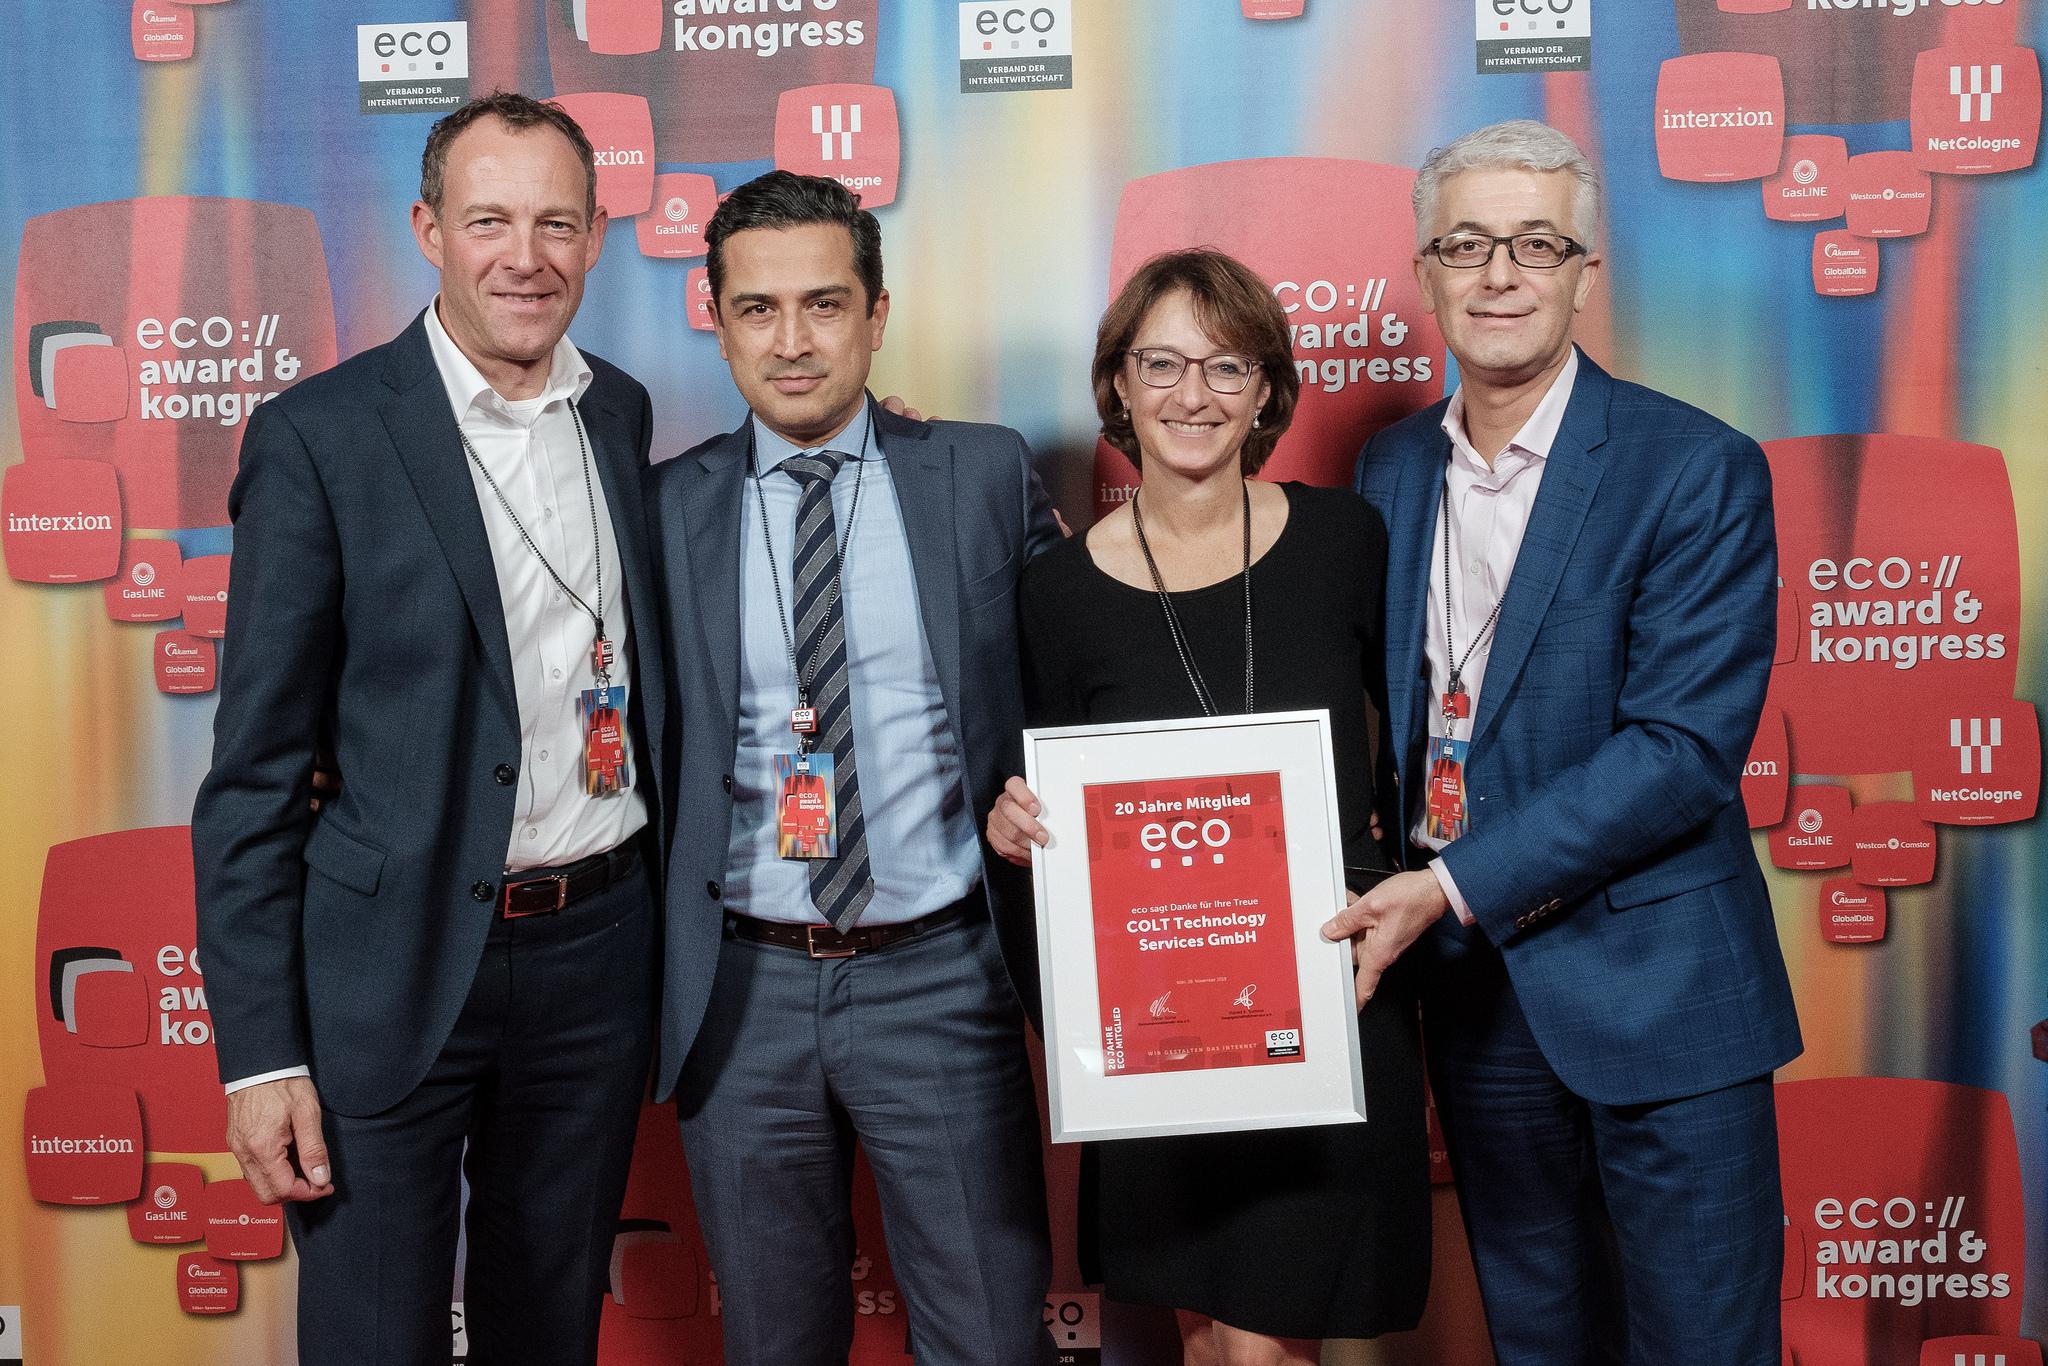 eco://kongress & eco:awards: Gemeinsam die digitale Zukunft gestalten 21